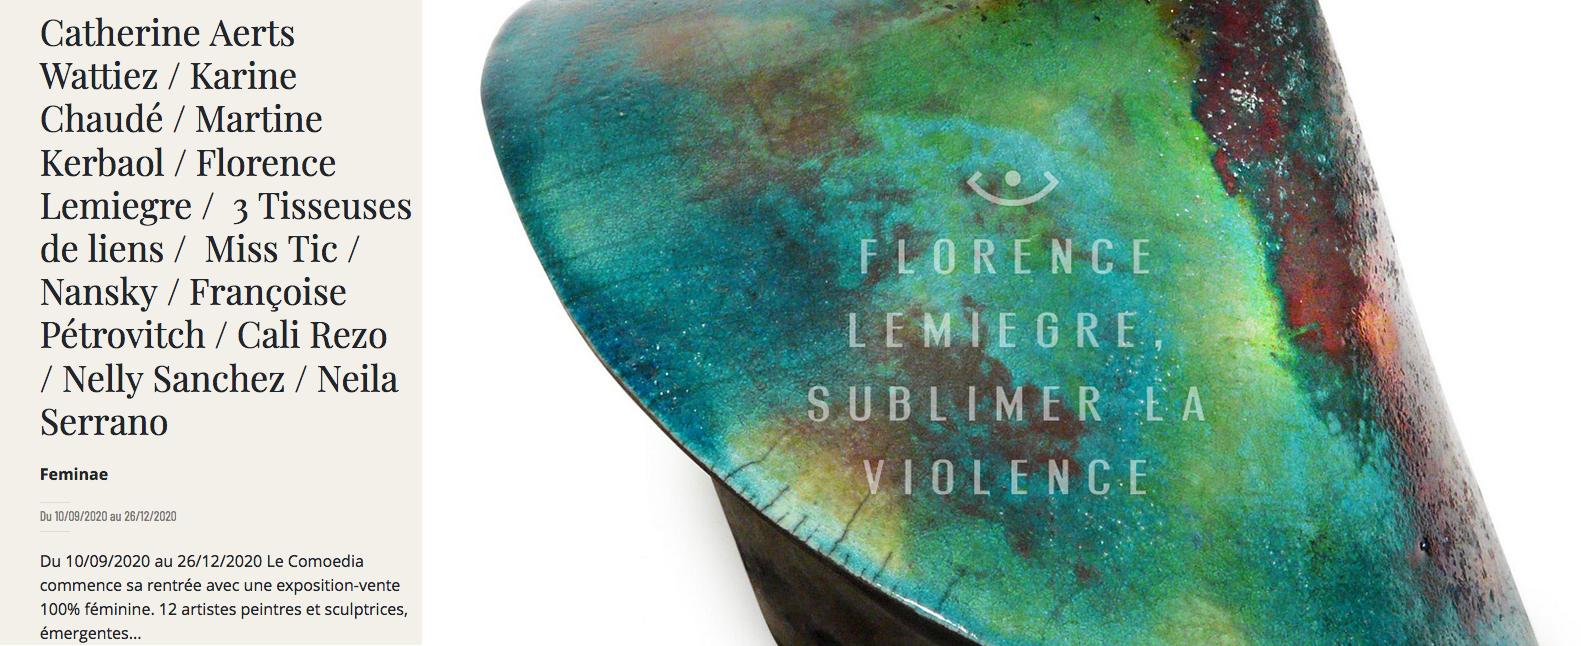 """Exposition """"Feminae"""" à l'Espace d'Art Le Comœdia - Brest - Sculptures céramique de Florence Lemiegre, sculptrice céramiste"""